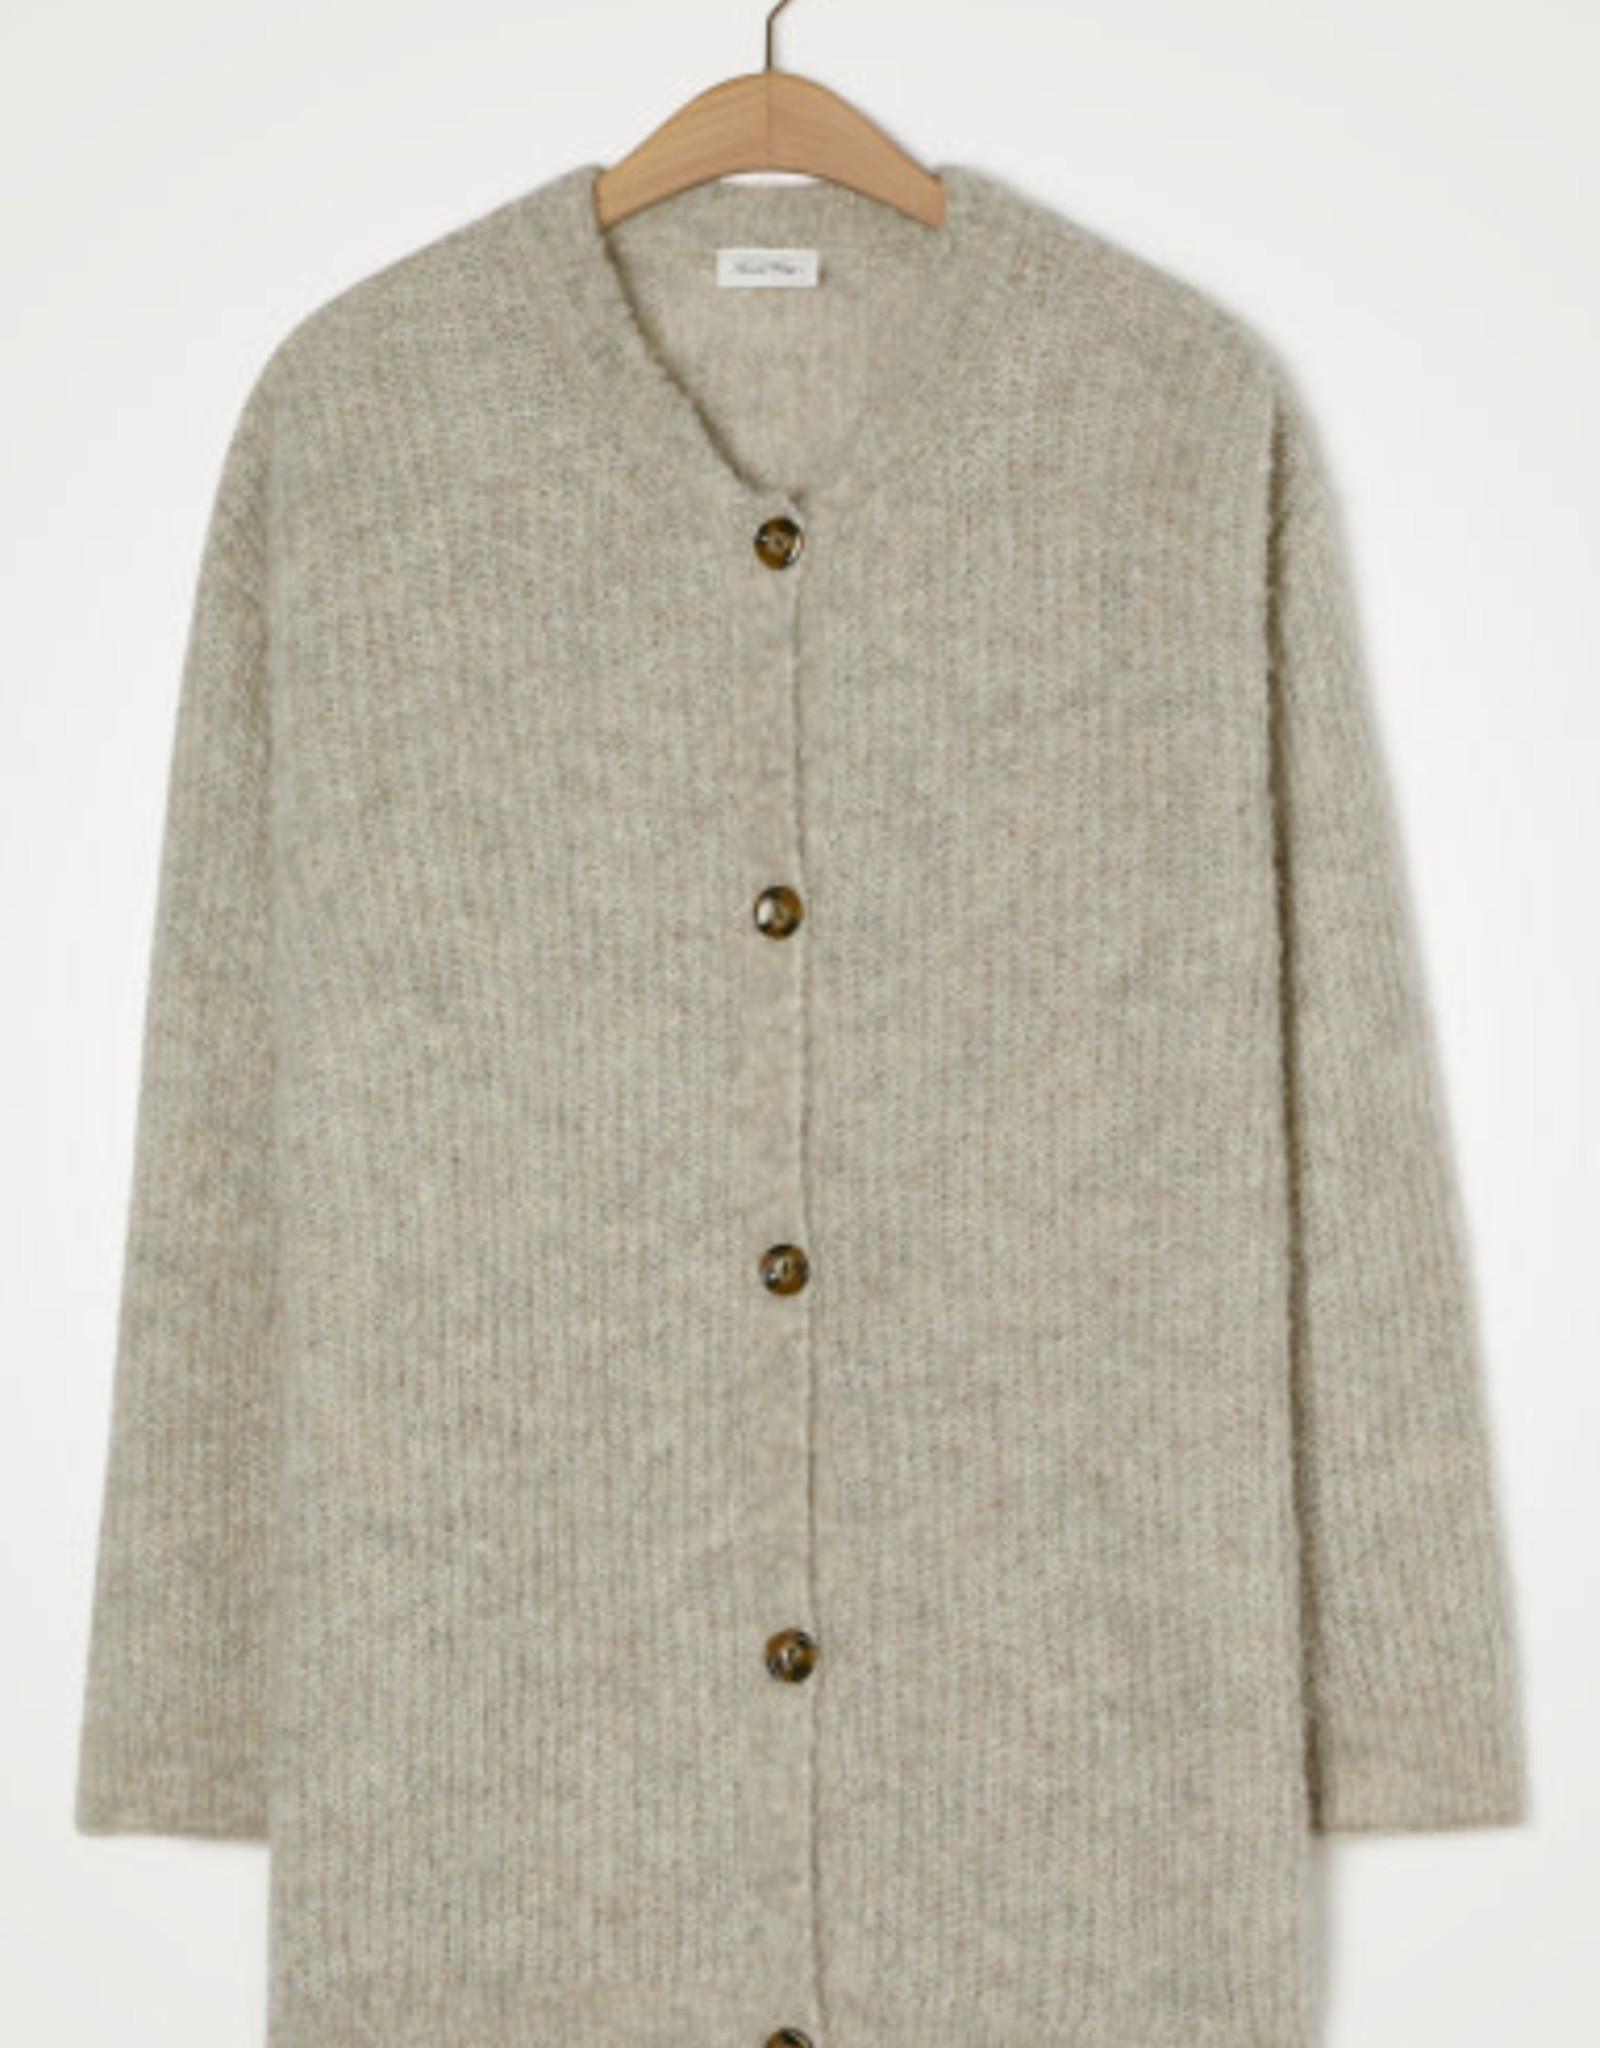 American Vintage Gilet/vest 'Verywood' - Brume Chine - American Vintage